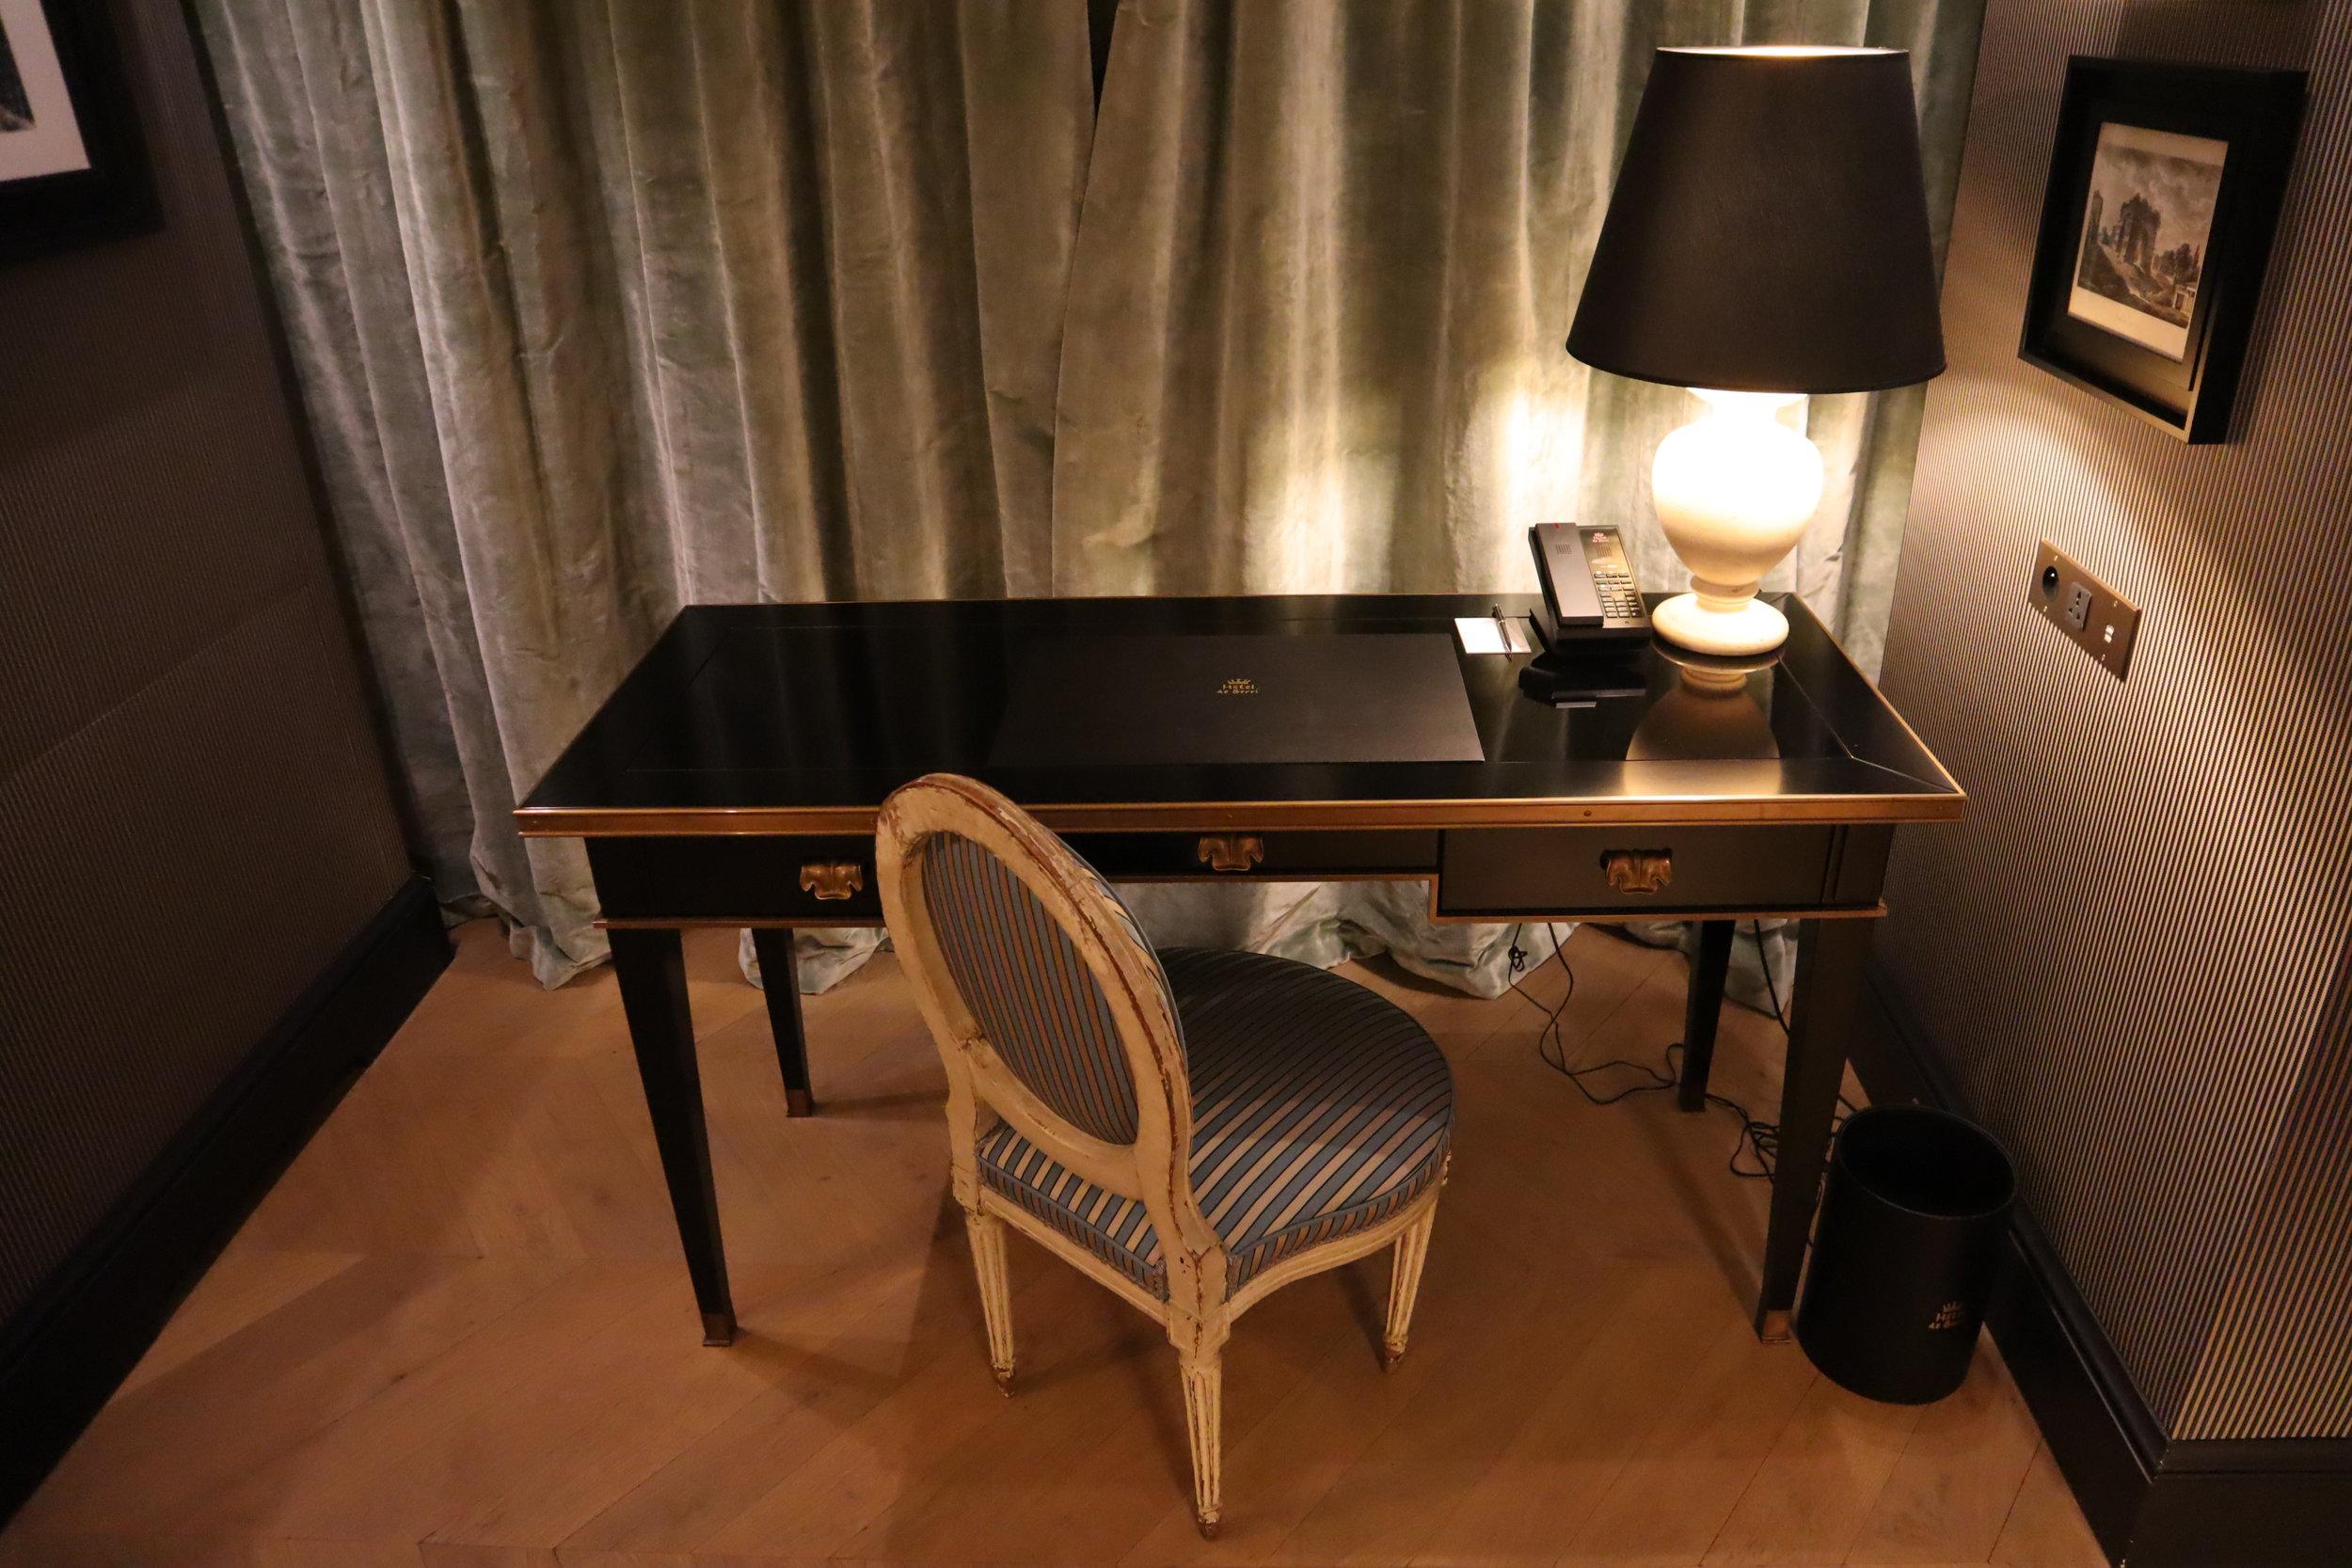 Hôtel de Berri Paris – Berri Suite desk